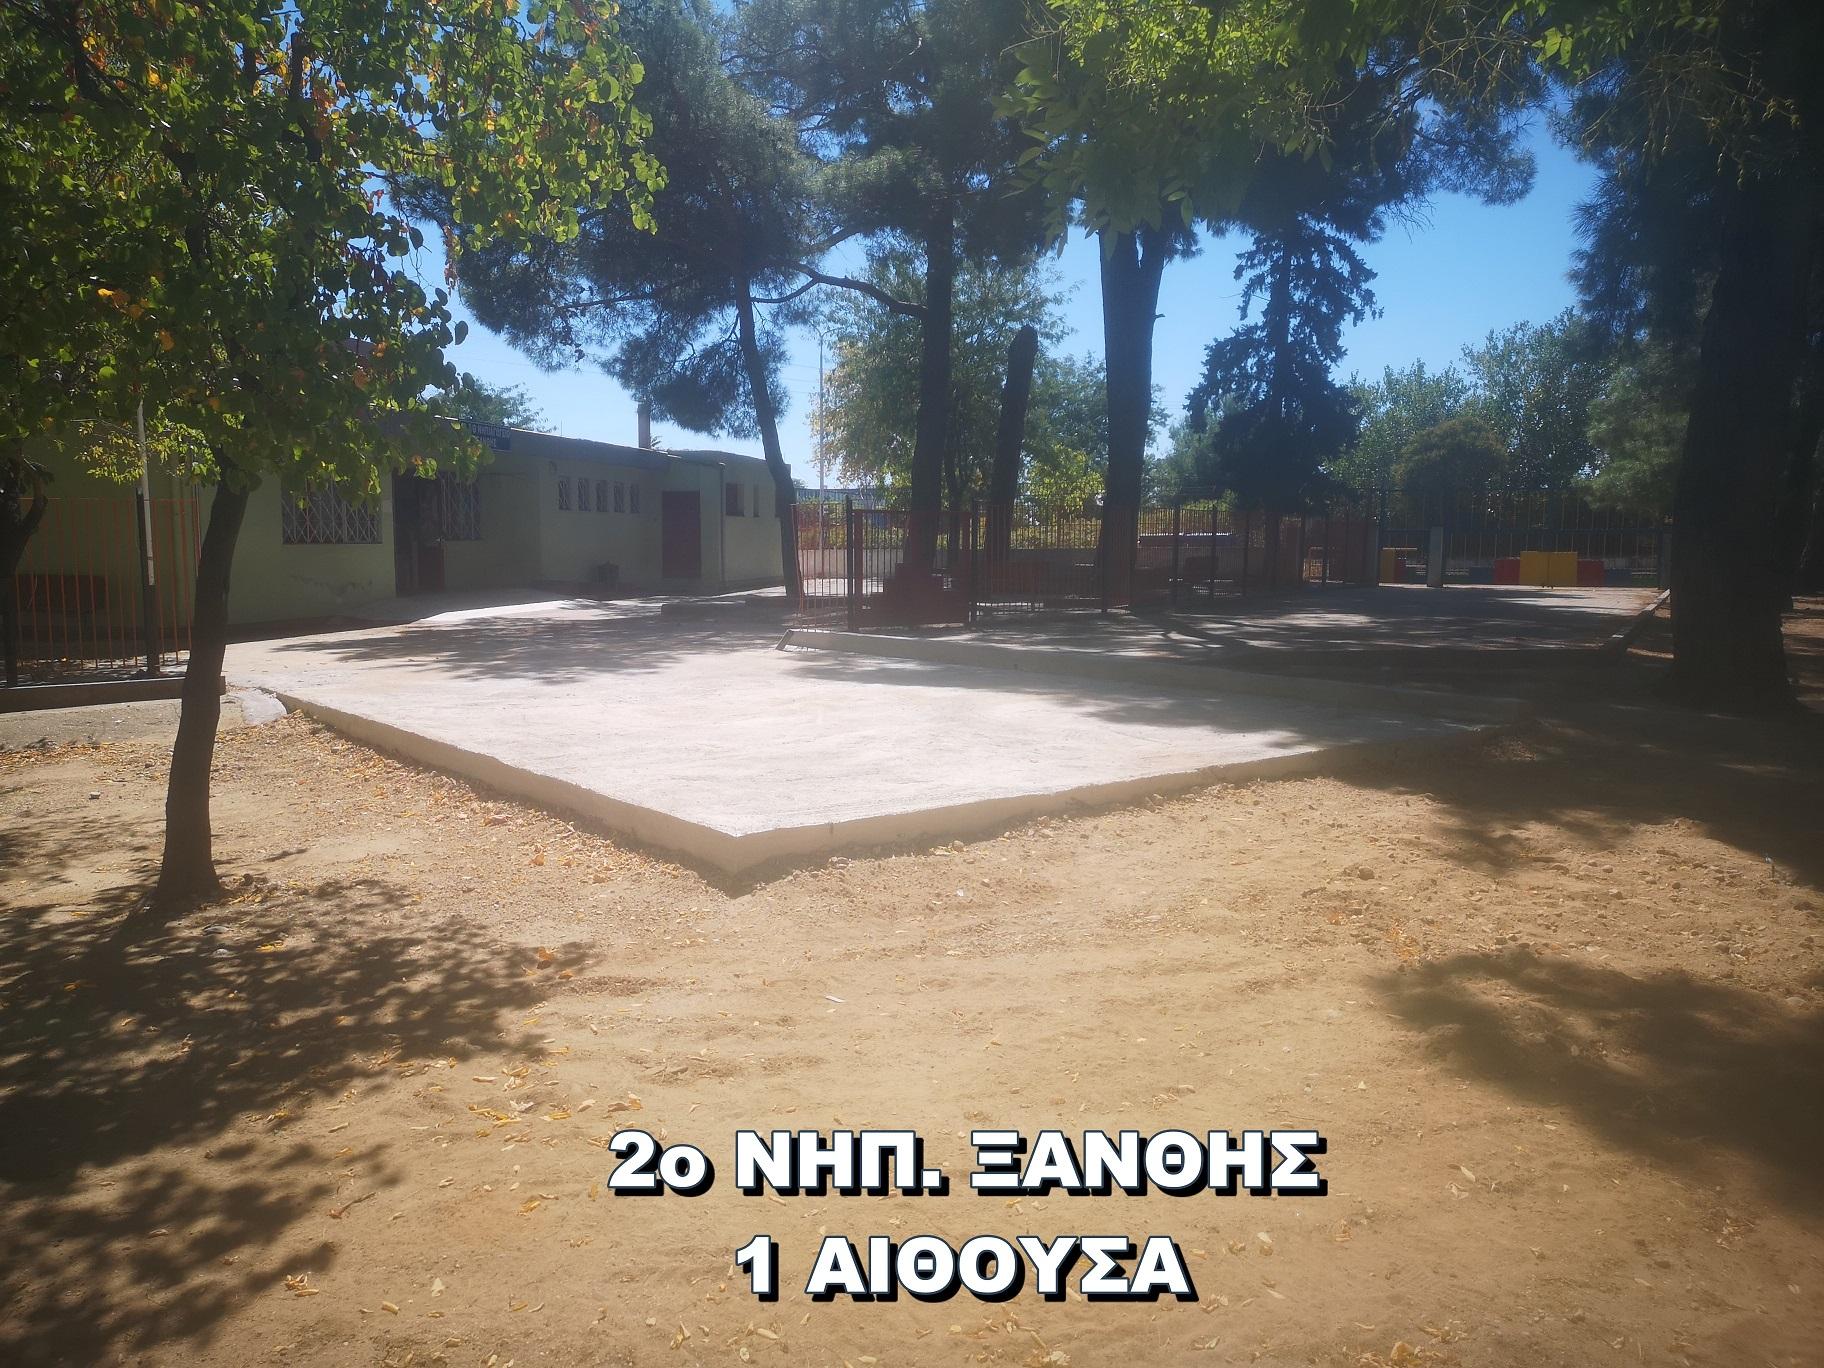 Ξάνθη για Όλους: Κριτική για την προσχολική αγωγή στον Δήμο Ξάνθης